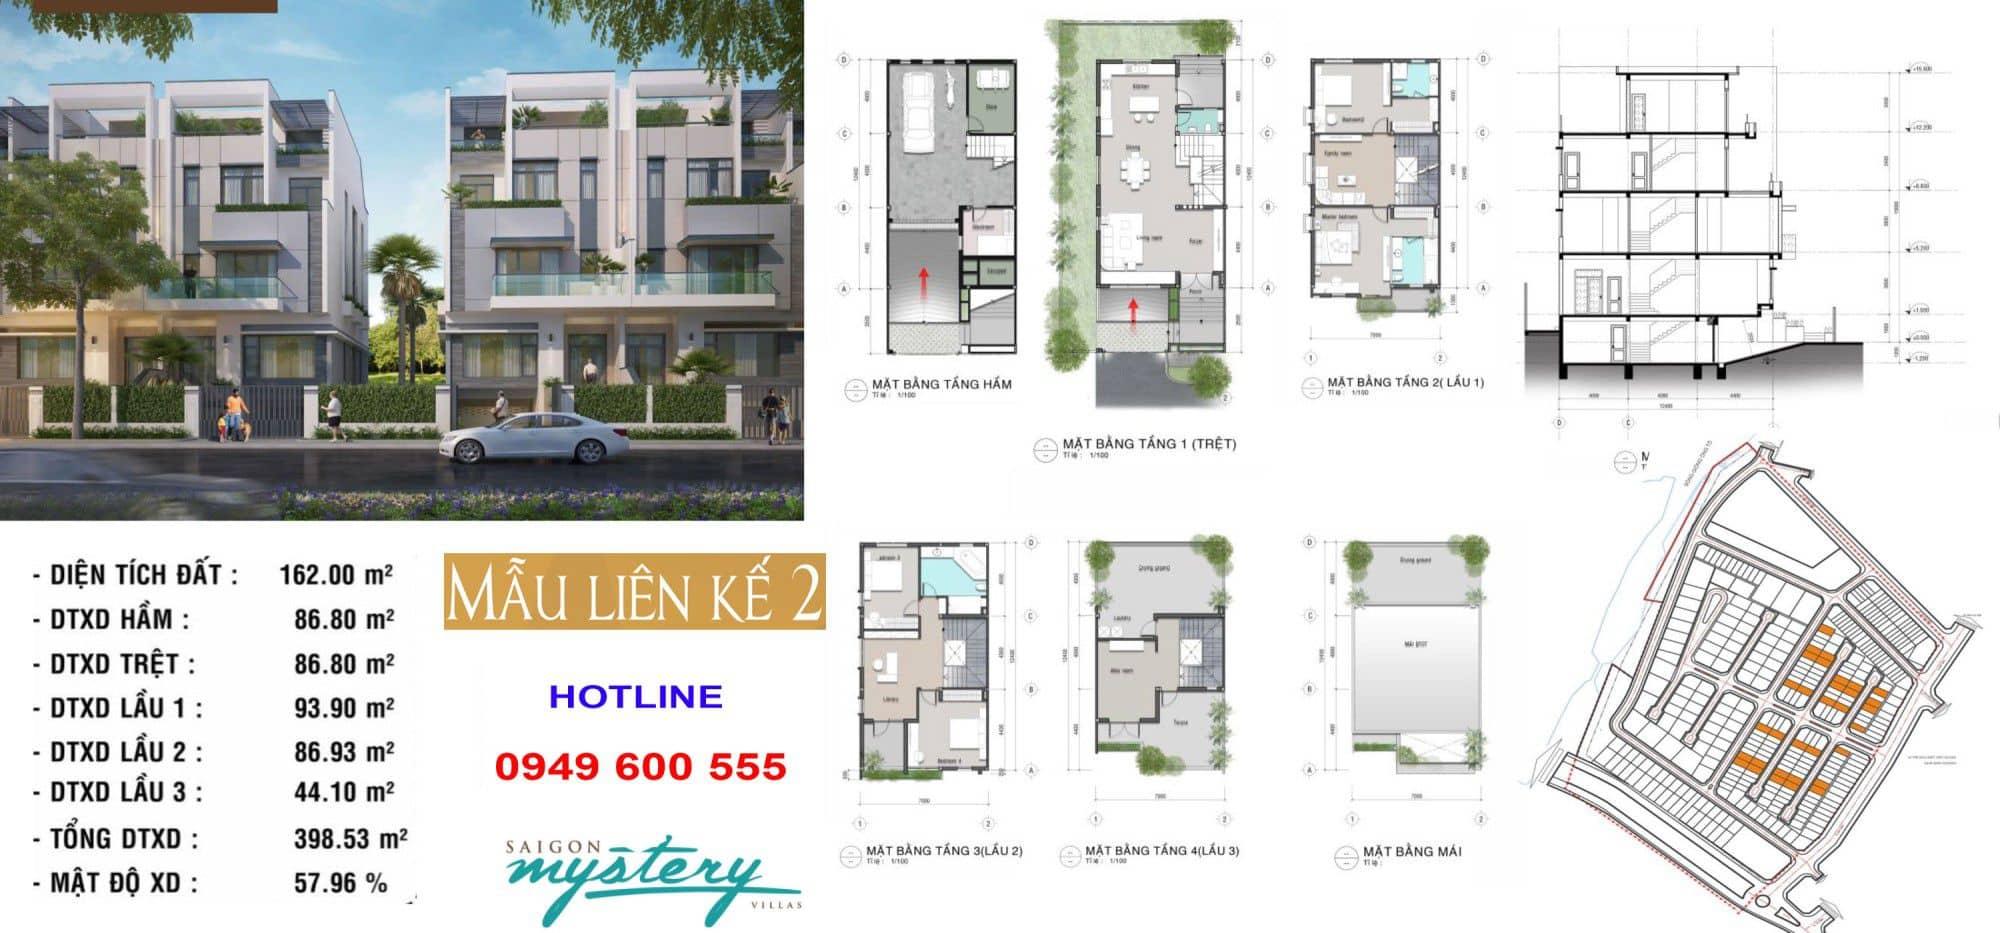 Thiết kế nhà phố liền kế Saigon Mystery Villas mẫu 2